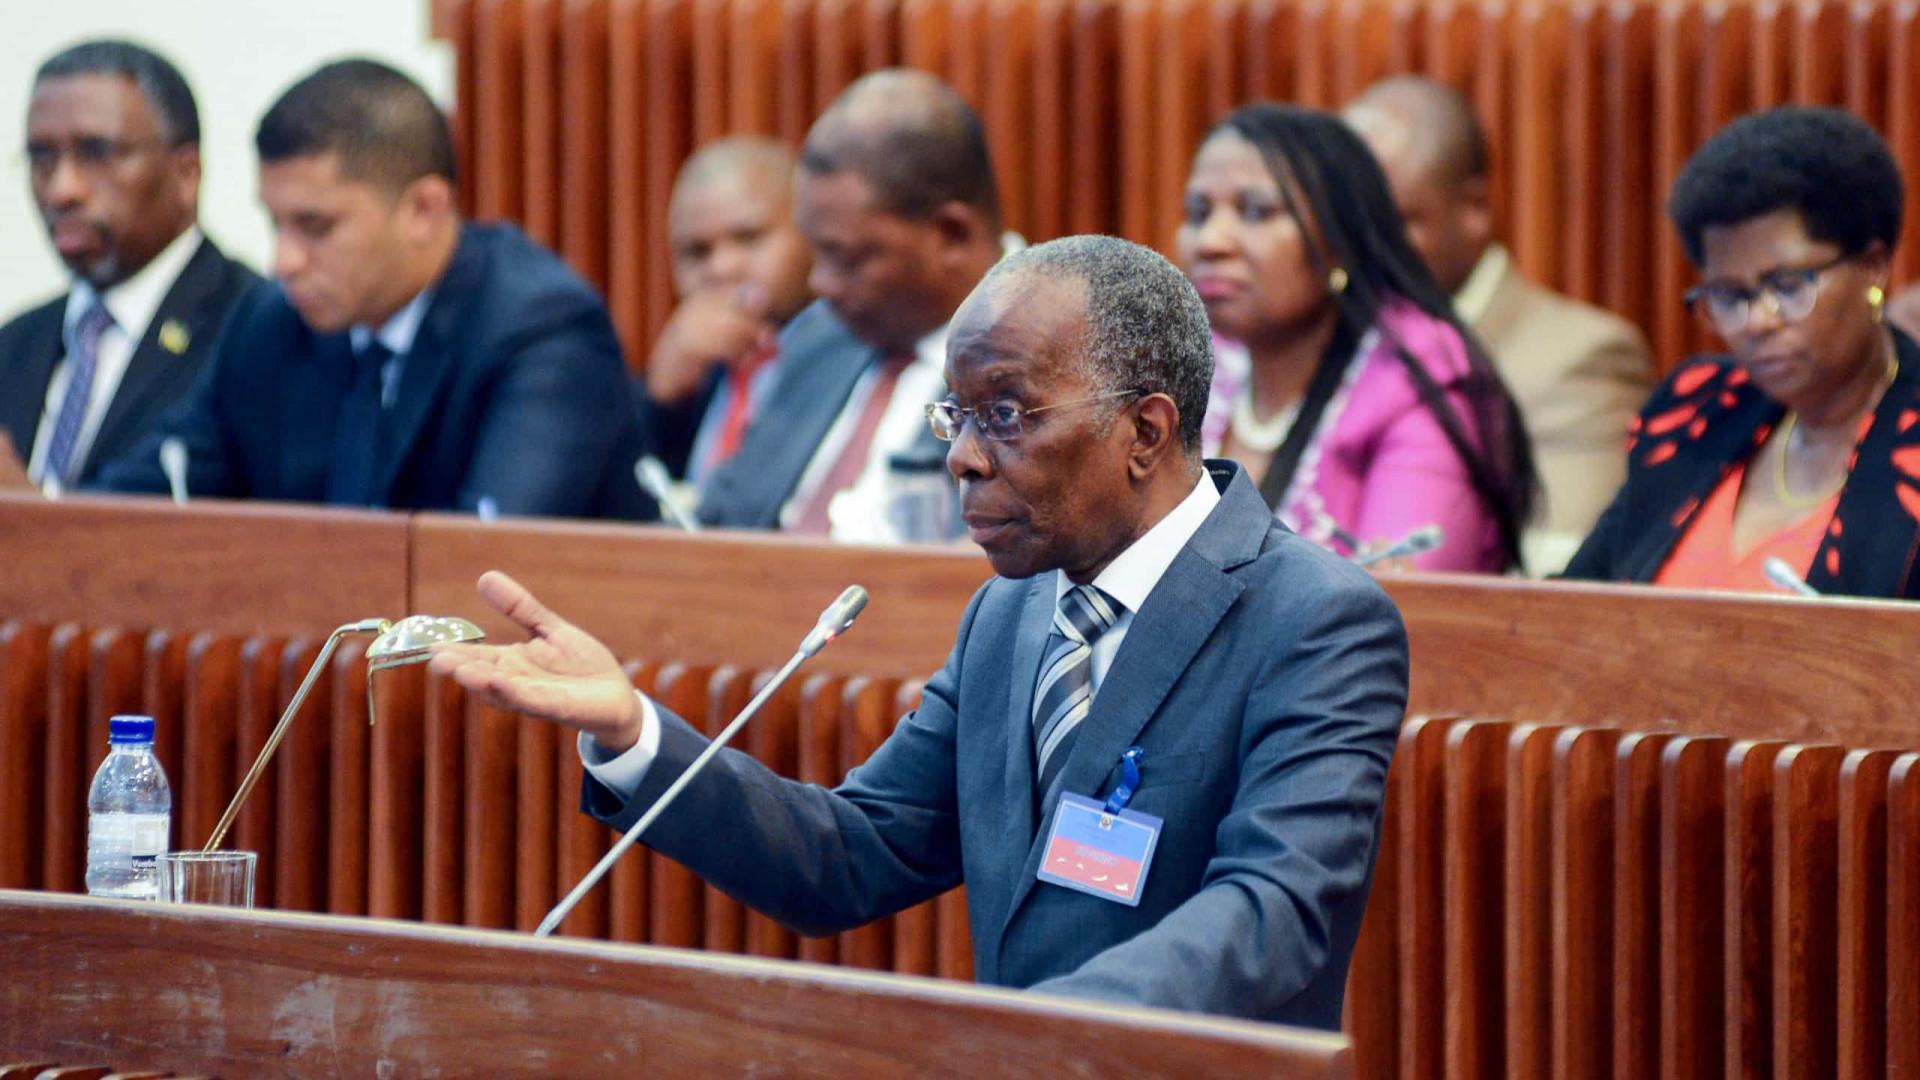 Governo moçambicano continua a negociar pagamento das dívidas ocultas